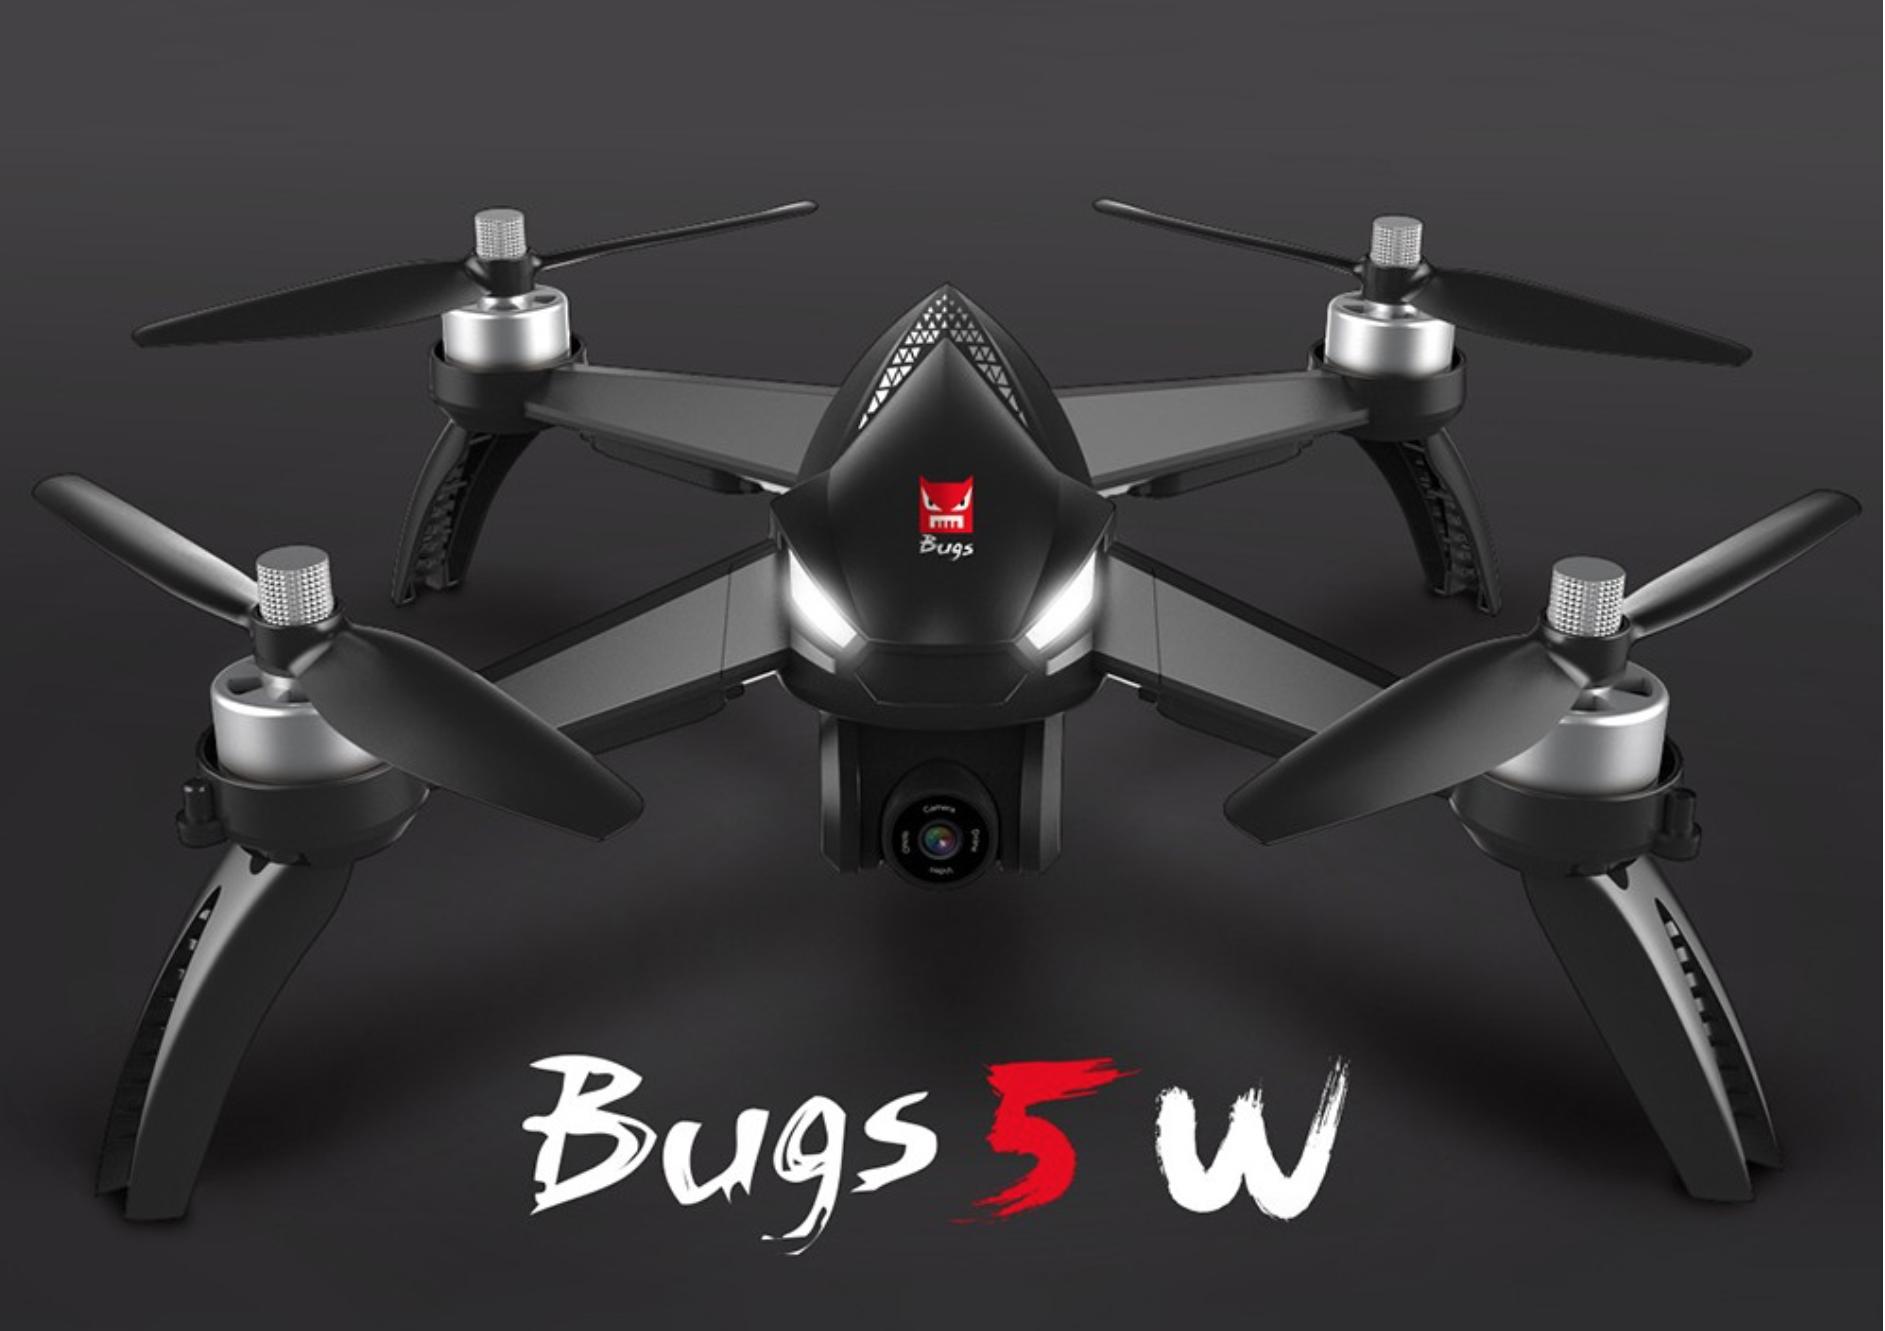 Omezený kupón na dron MJX Bugs 5, dron nejen pro profesionály! [sponzorovaný článek]